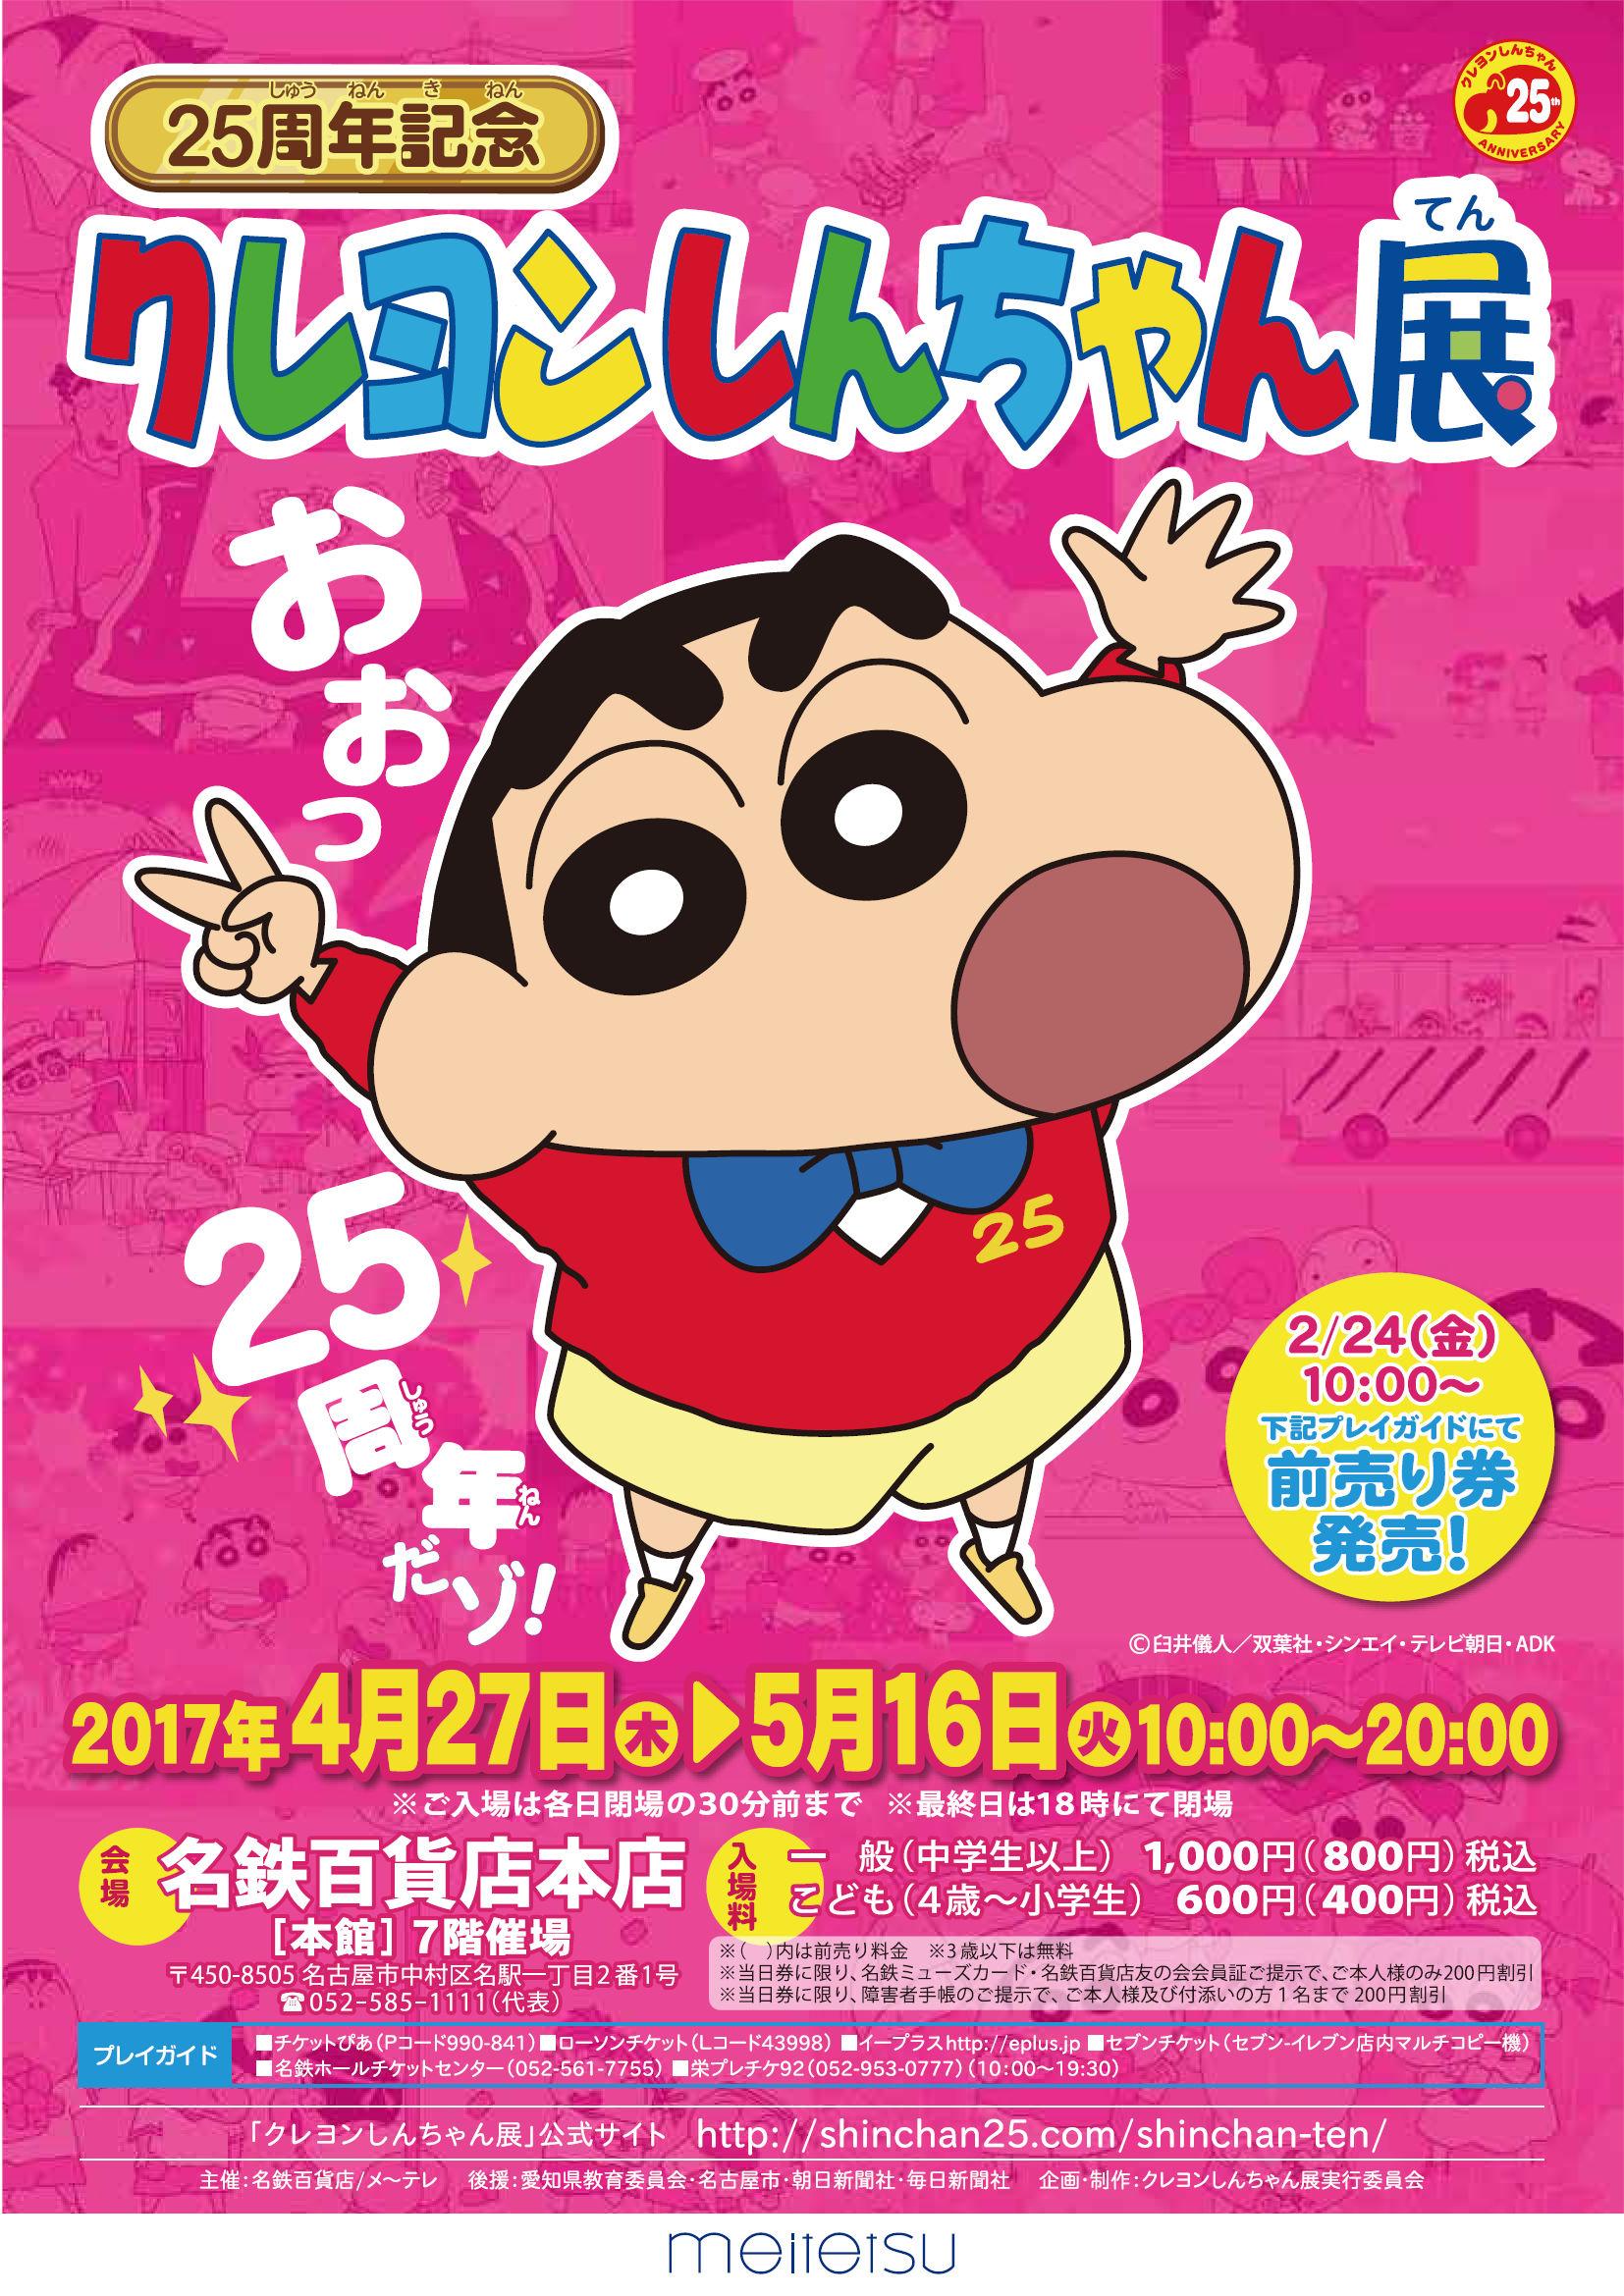 初開催!? 「25周年記念 クレヨンしんちゃん展」